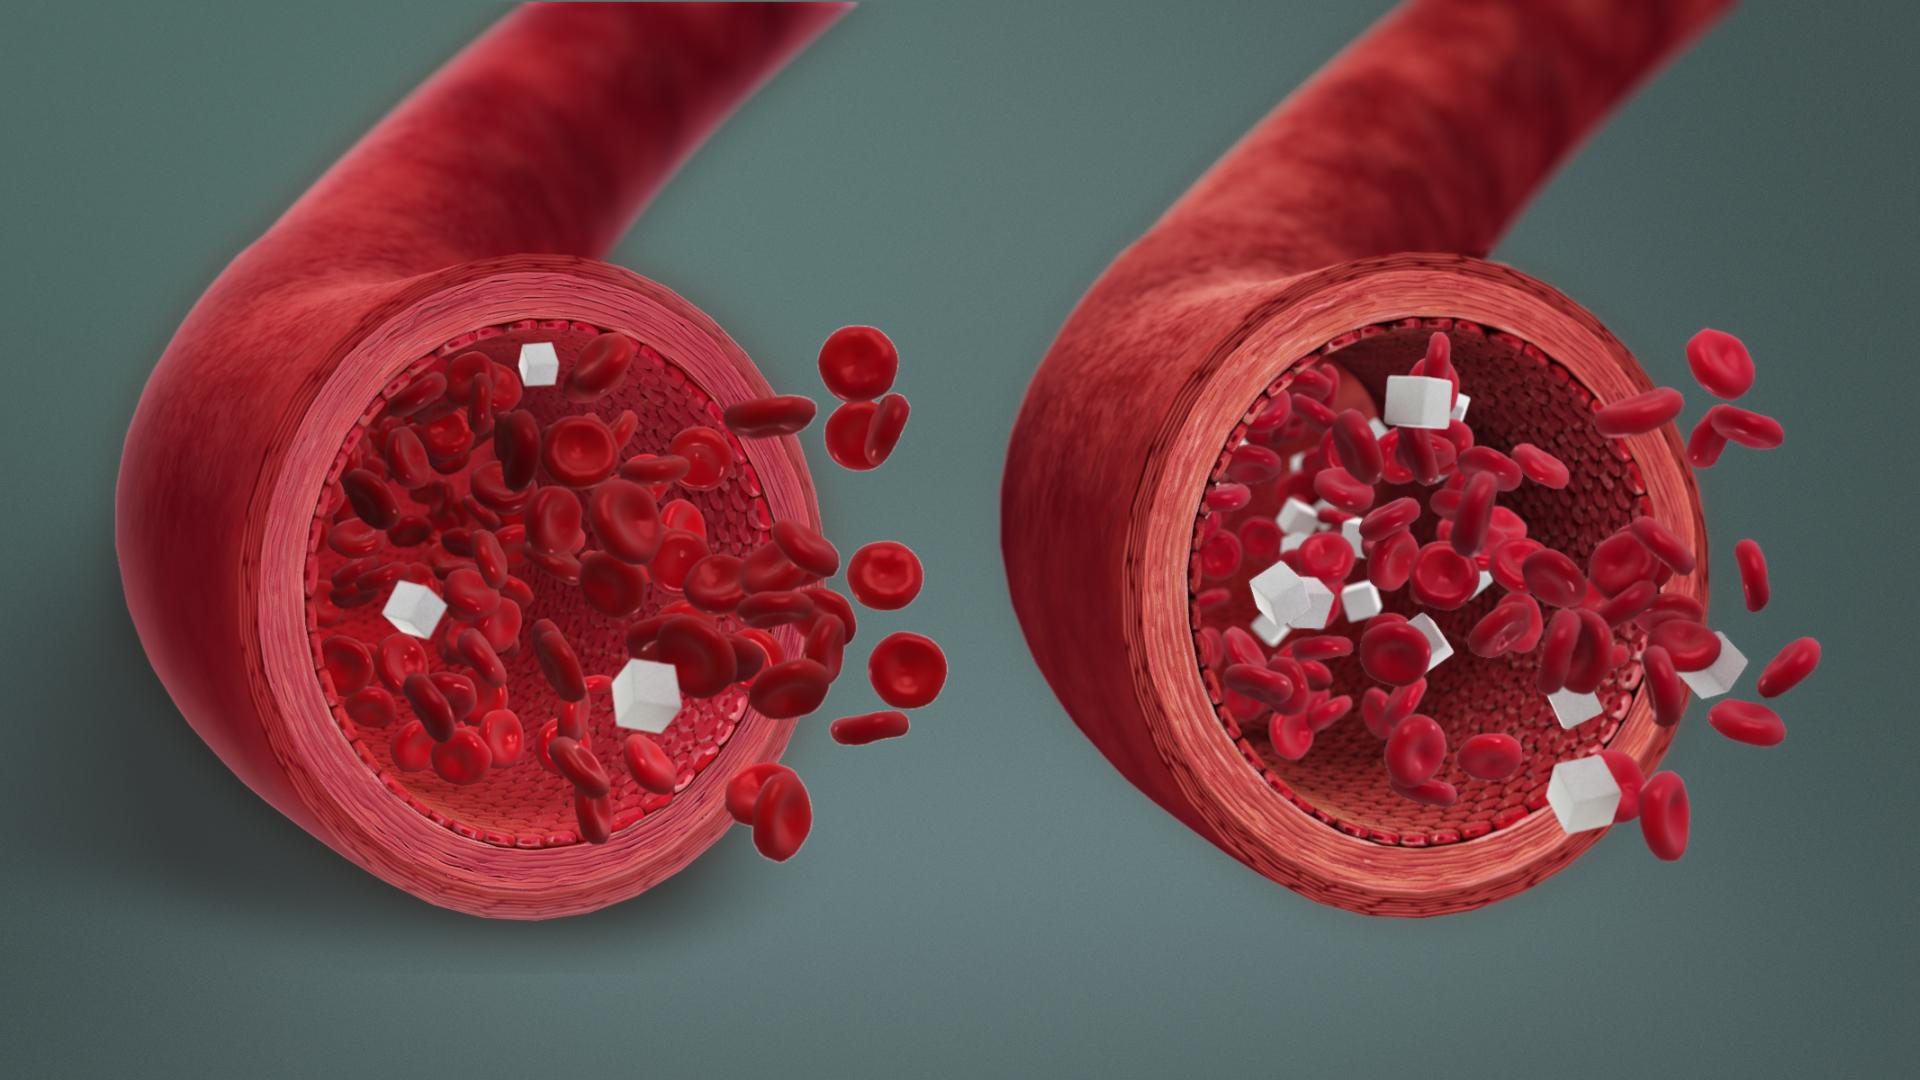 Hypoglycaemia